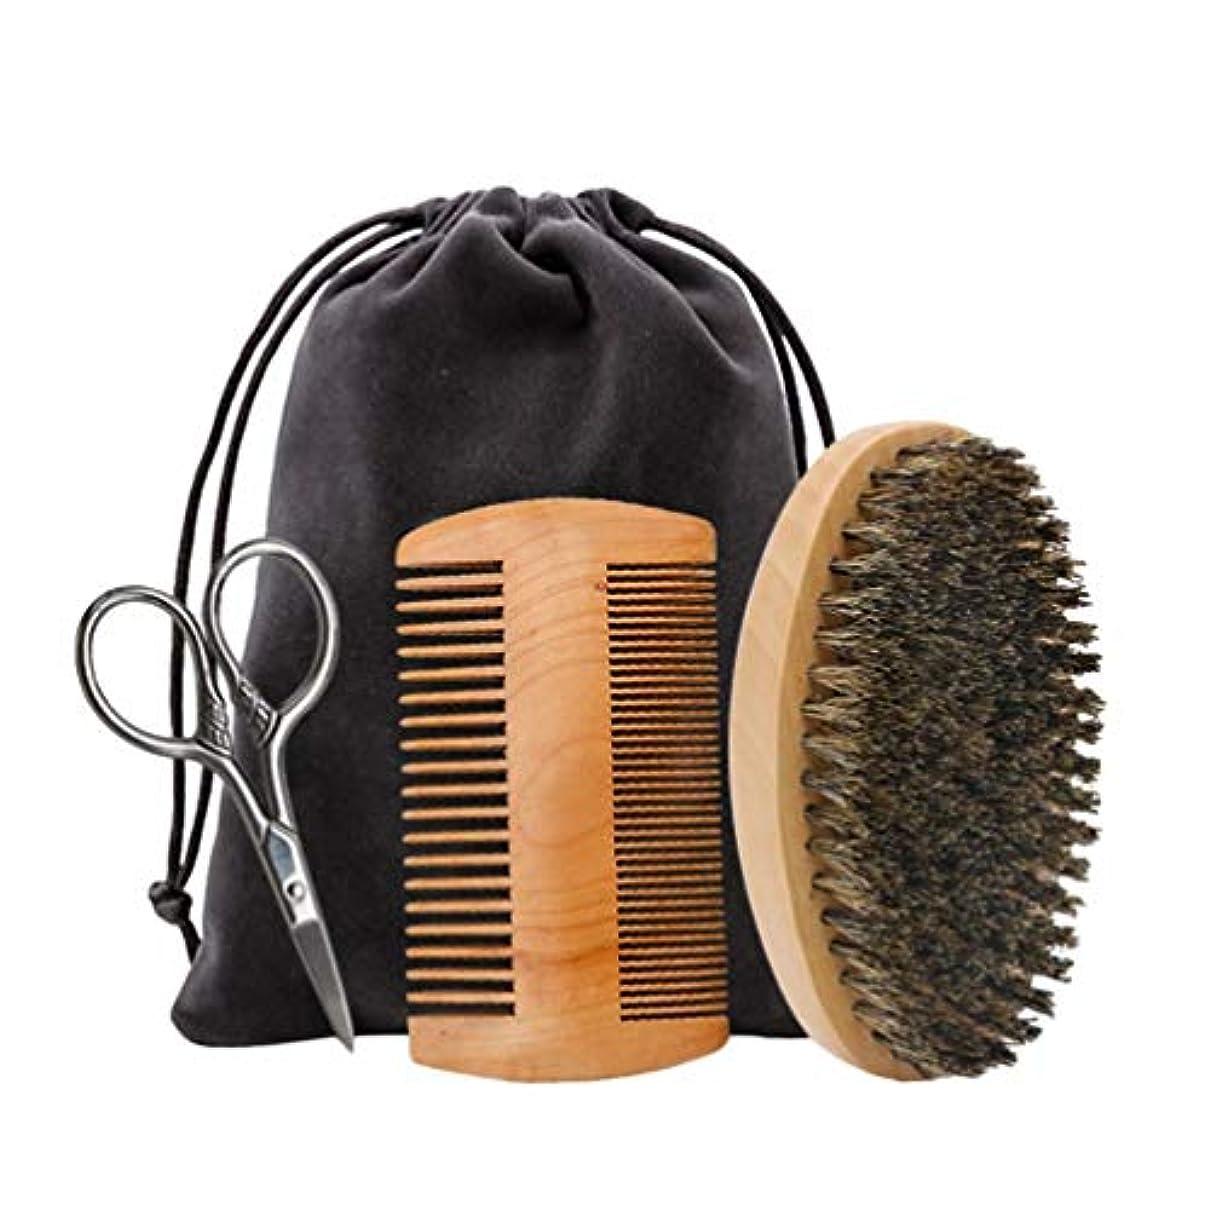 負荷とは異なりブッシュSUPVOX ひげグルーミングキットひげブラシ木製櫛口ひげはさみ成長スタイリング男性ケア用ポーチ付きセット